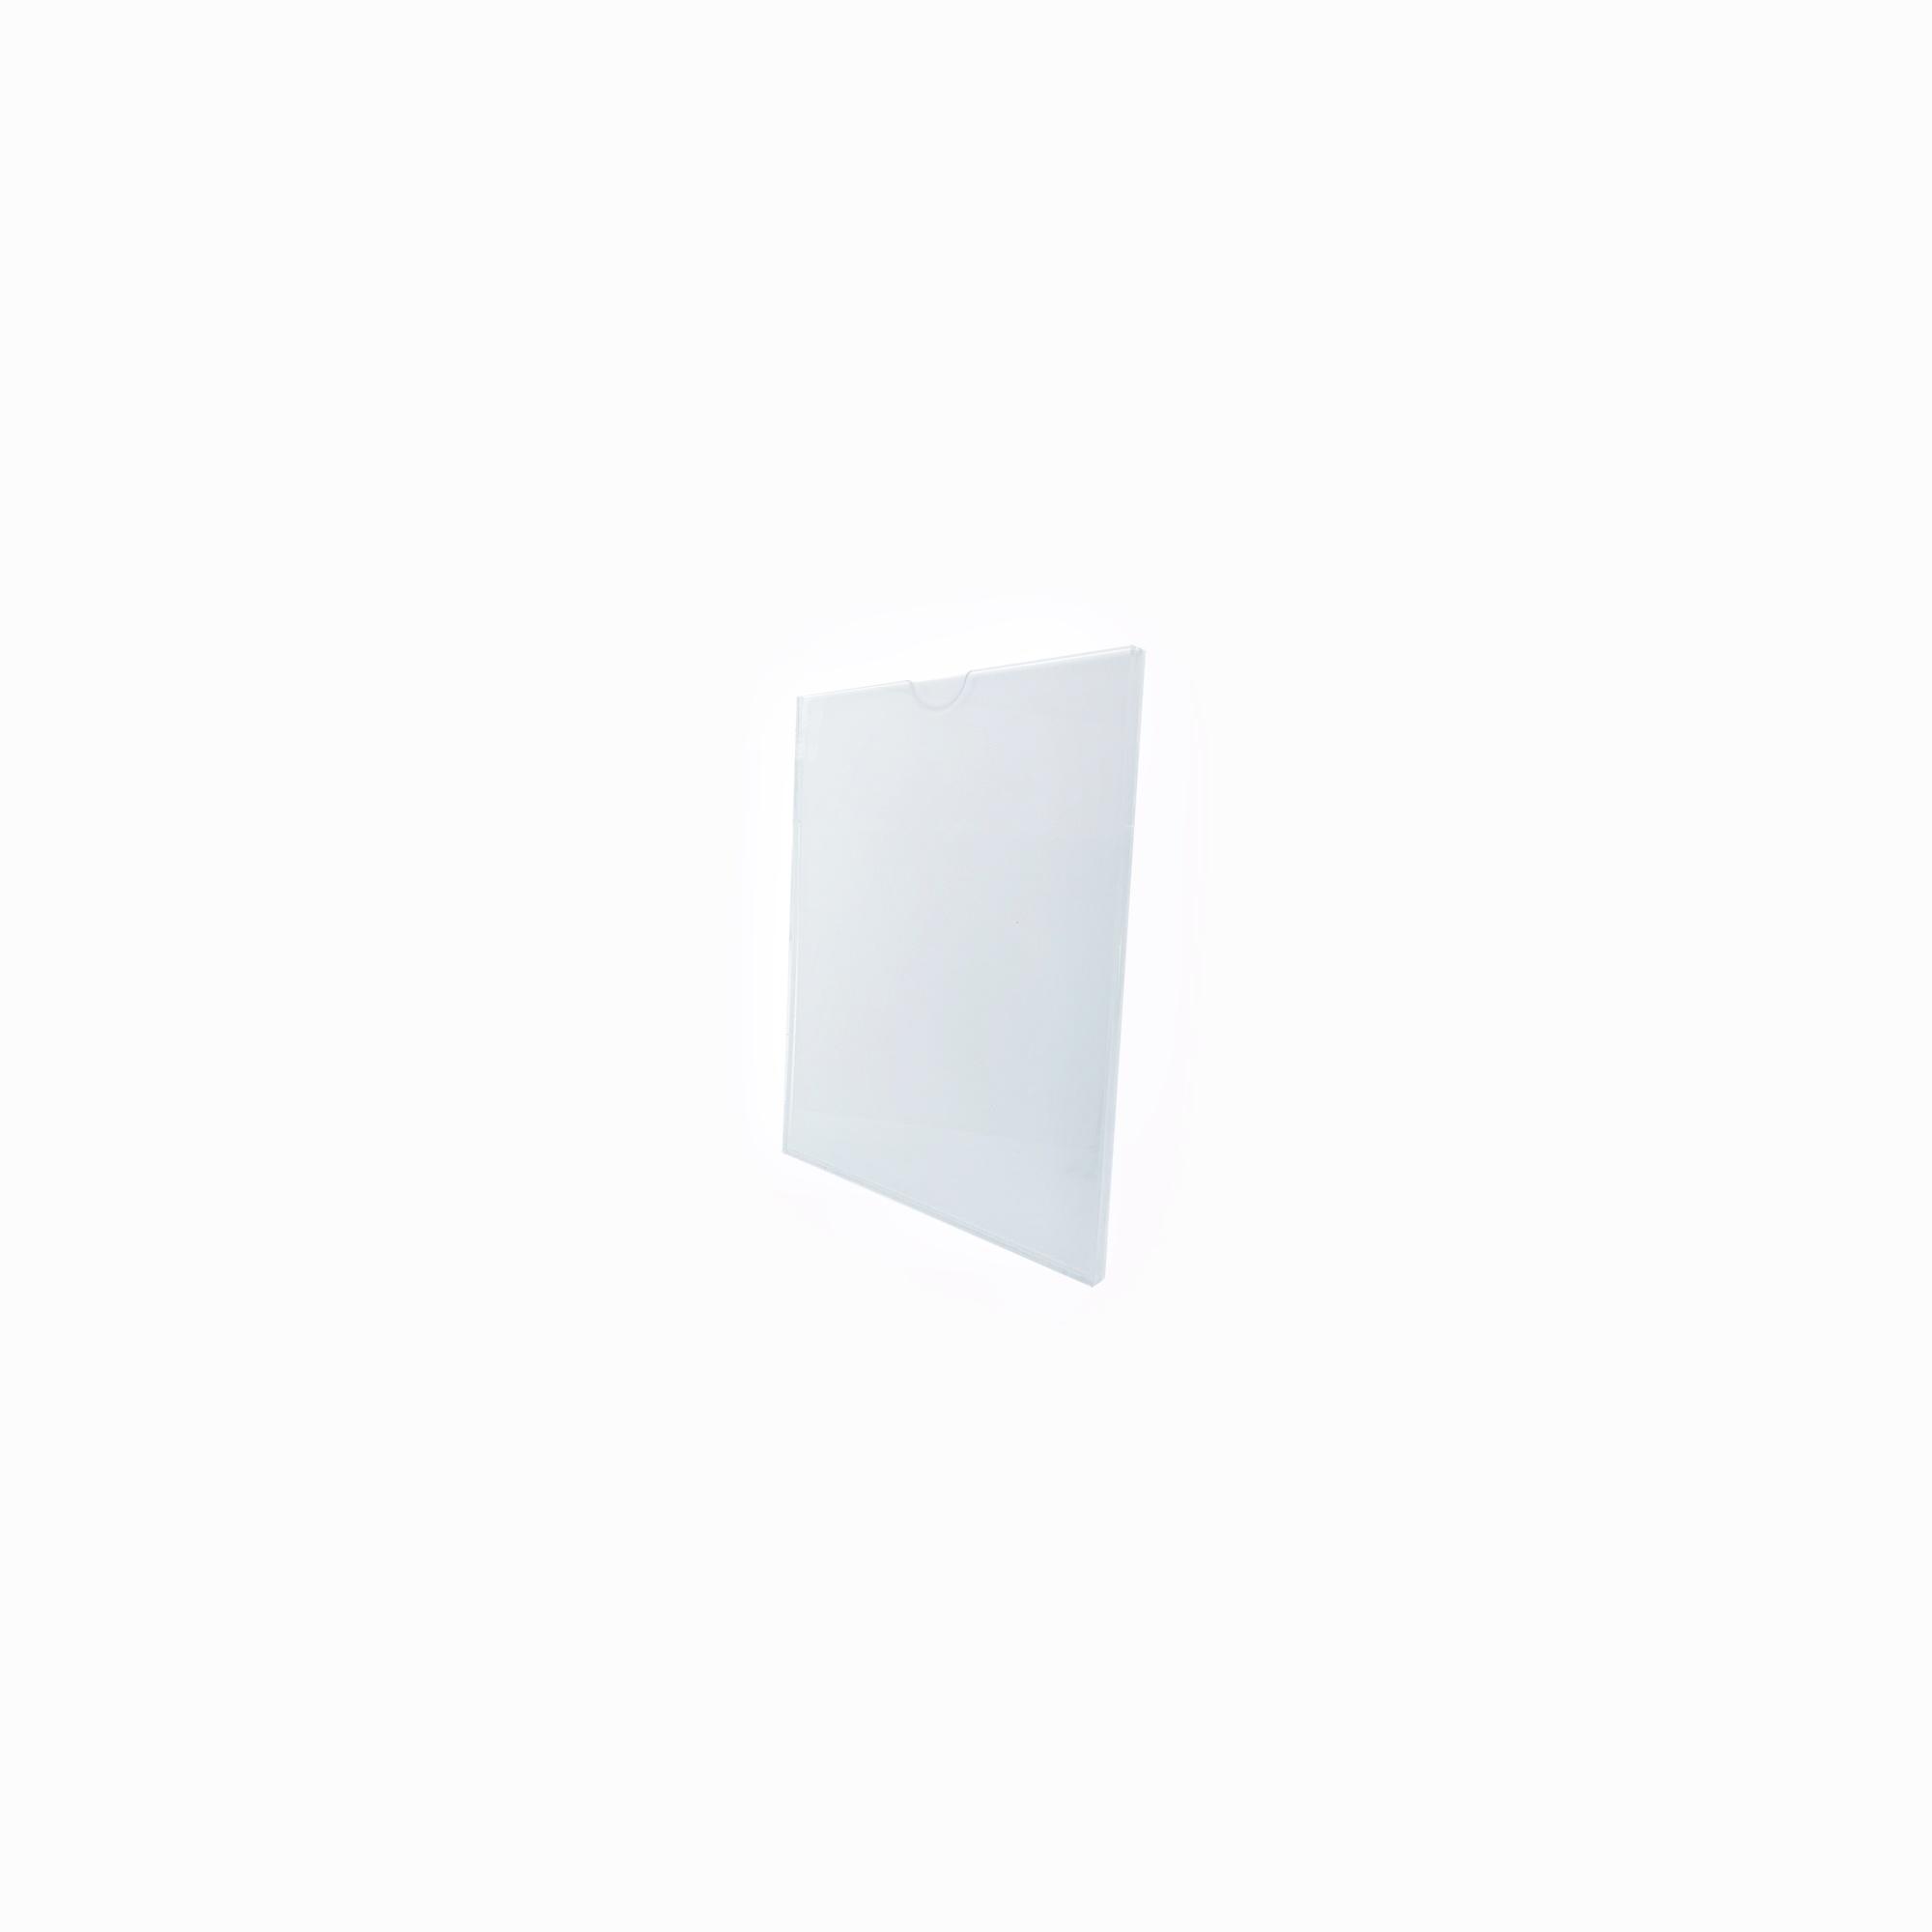 Acrylic Wall Frame - A6